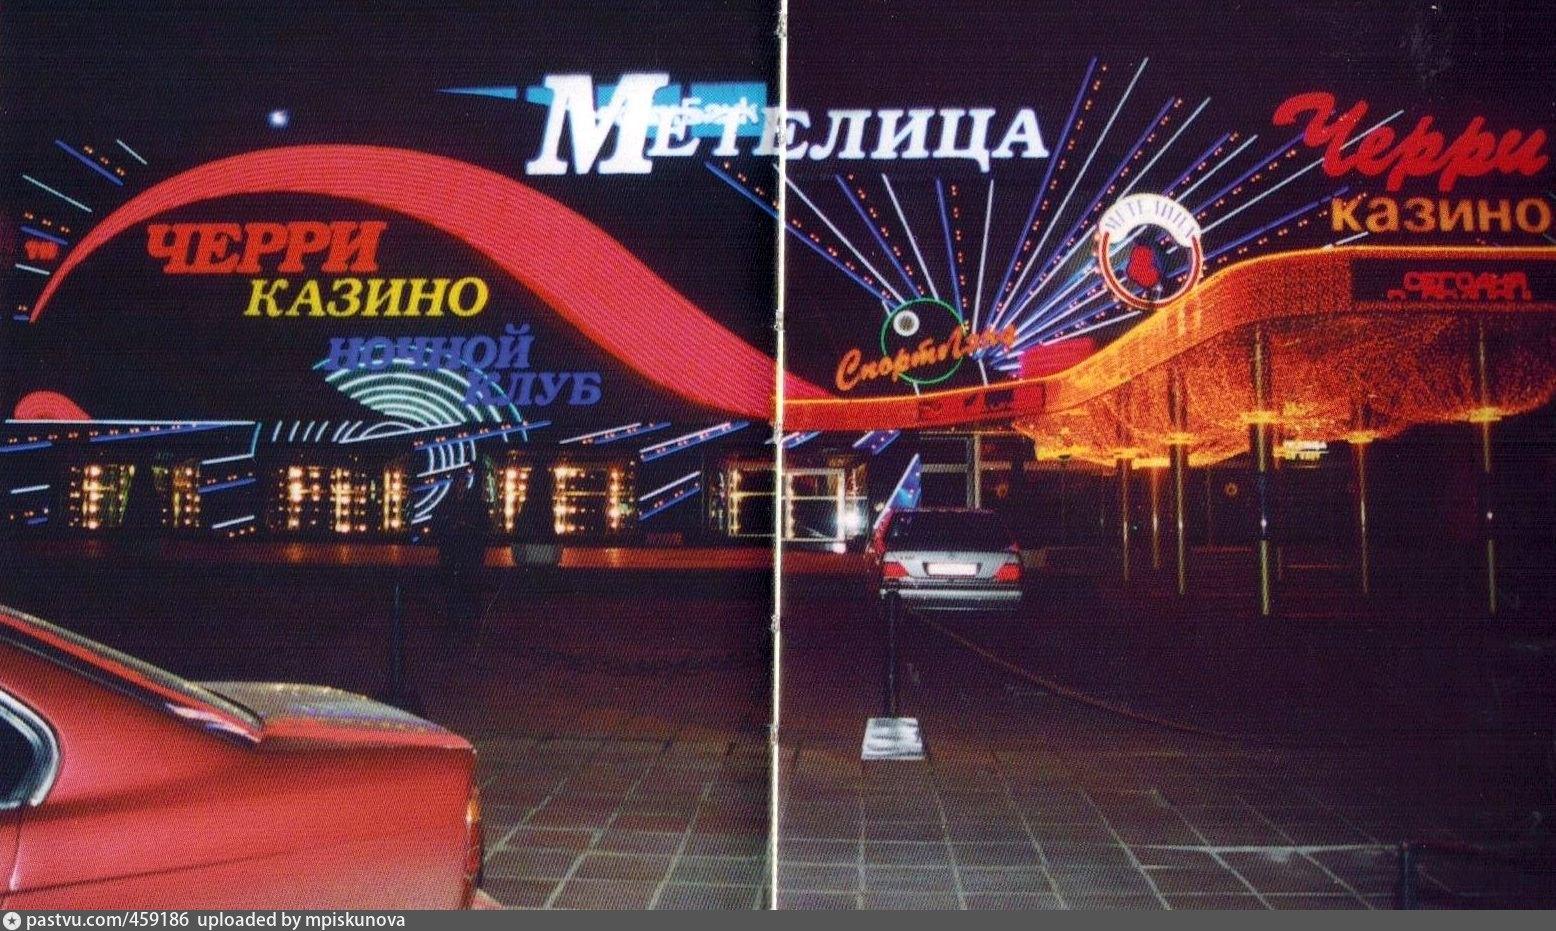 menedzher-po-personalu-kazino-metelitsa